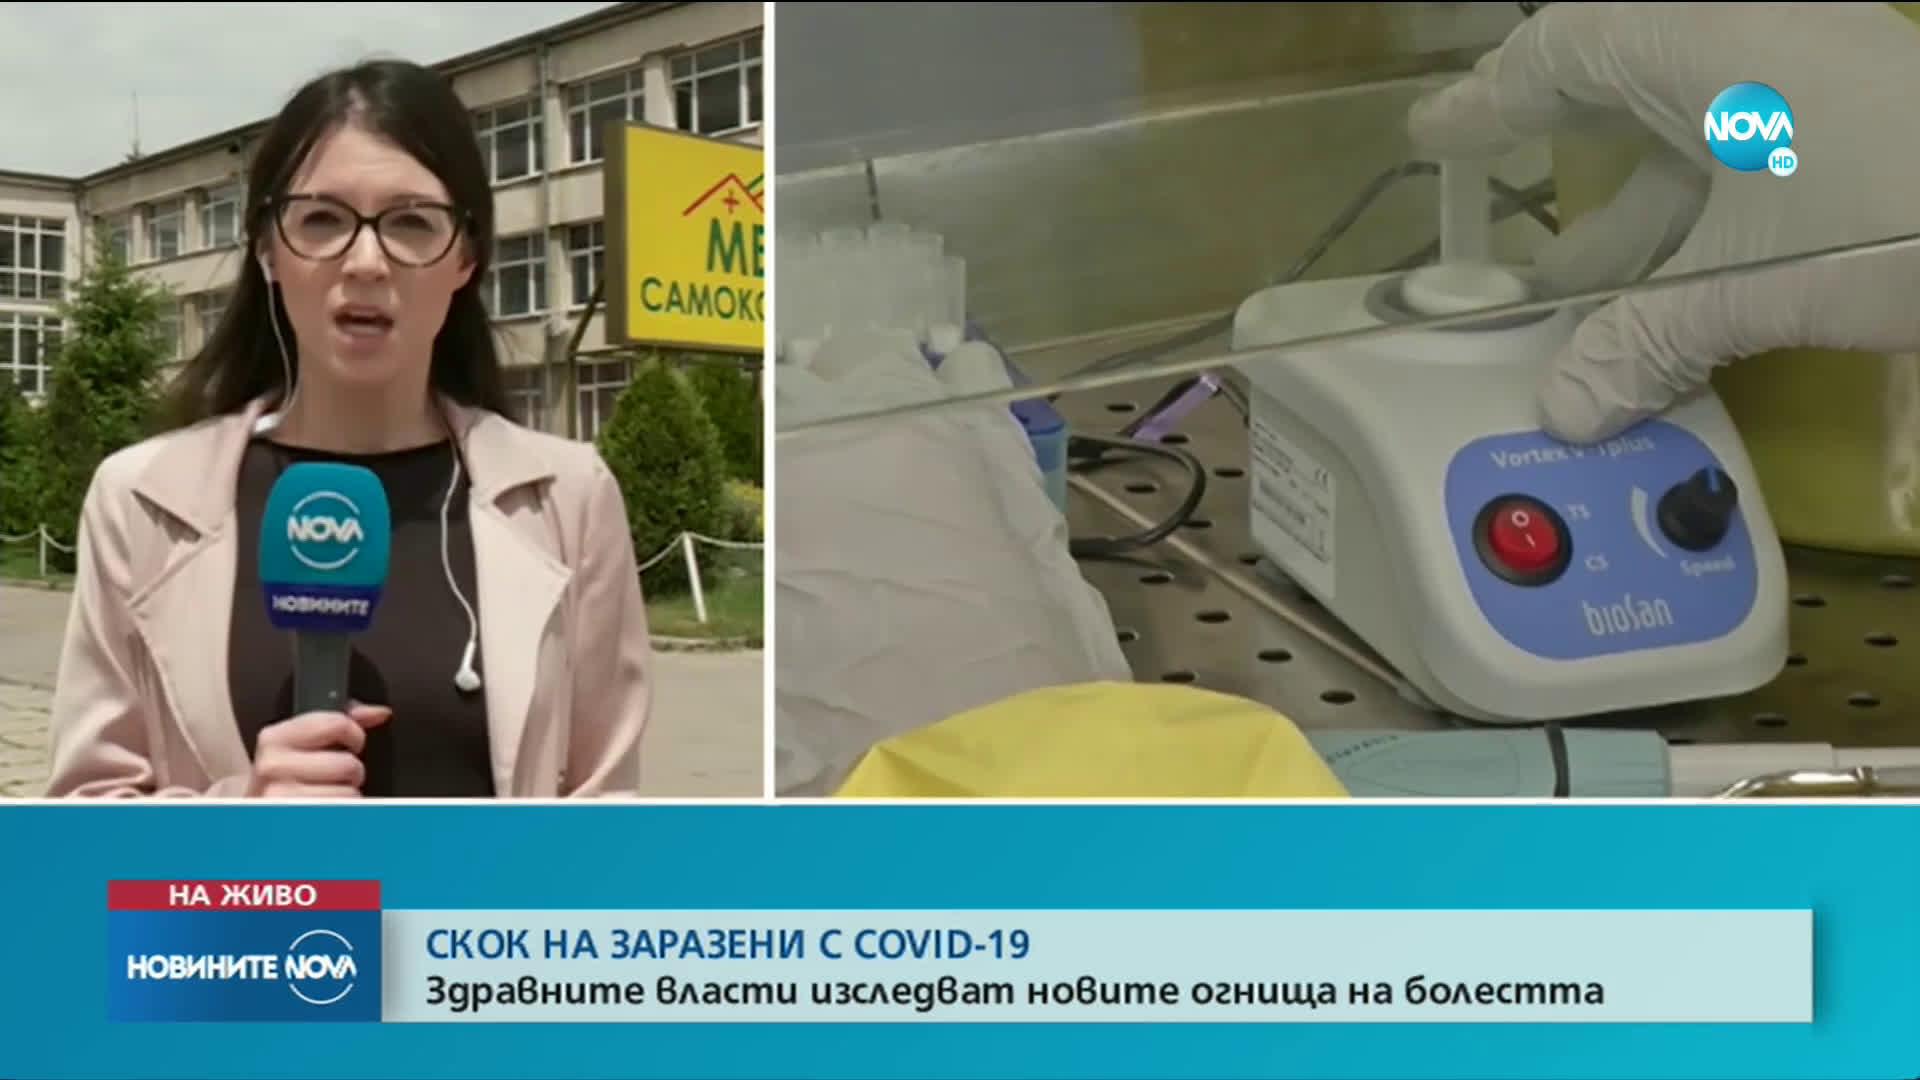 Няма нови случаи на заразени с COVID-19 в Самоков